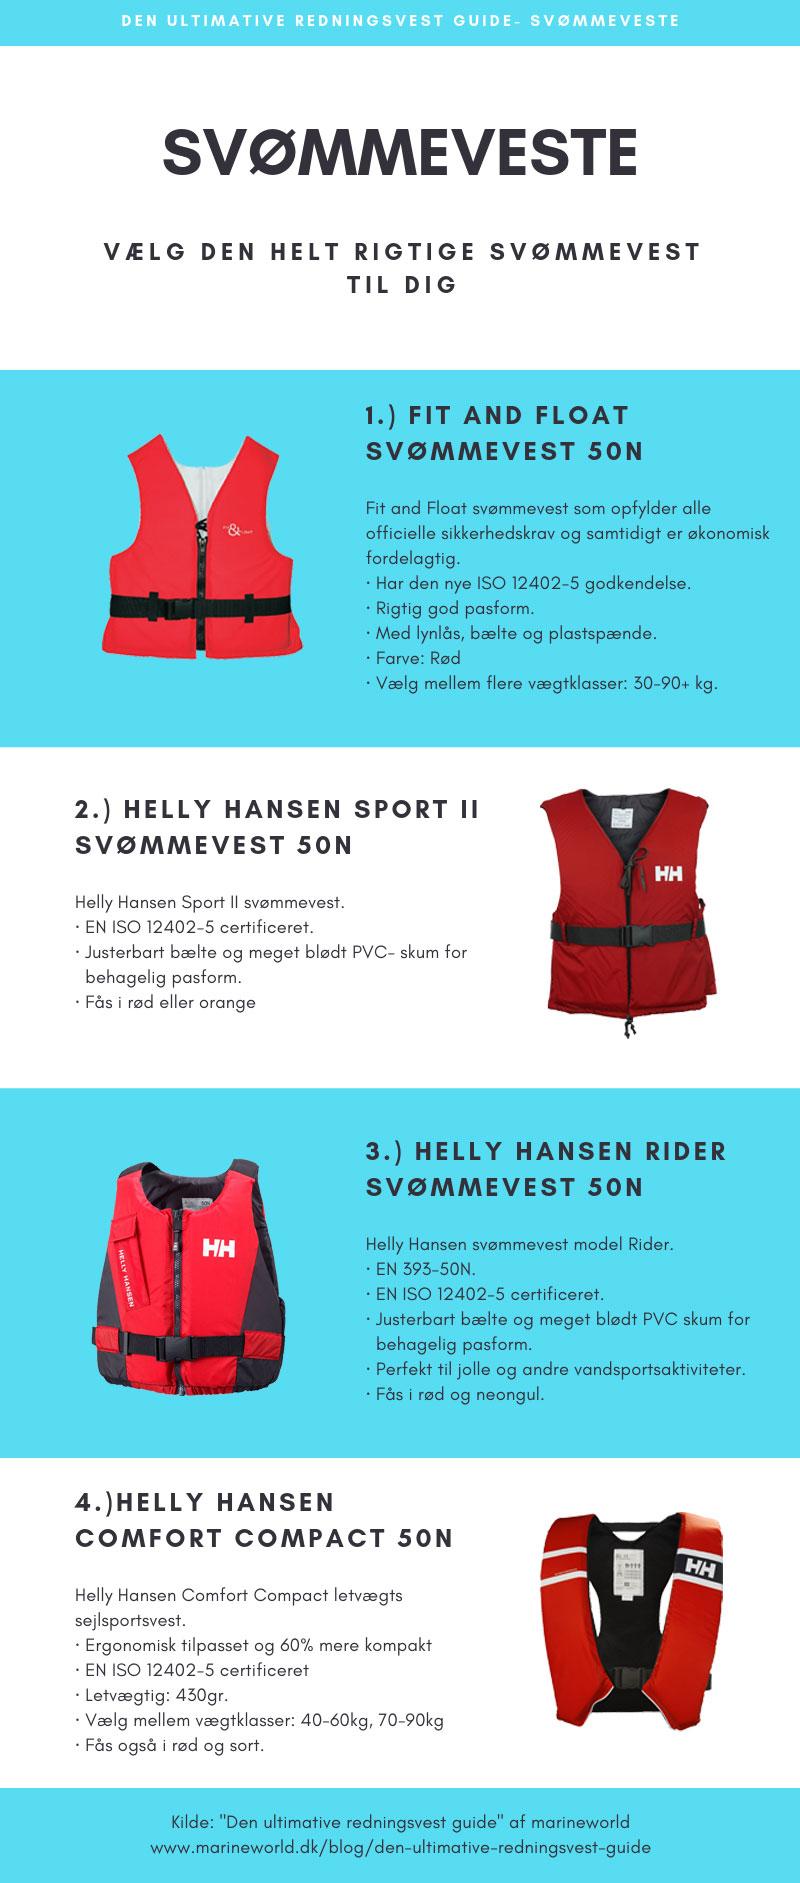 vælg en sikker og bedste svømmevest - den ultimative redningsvest guide